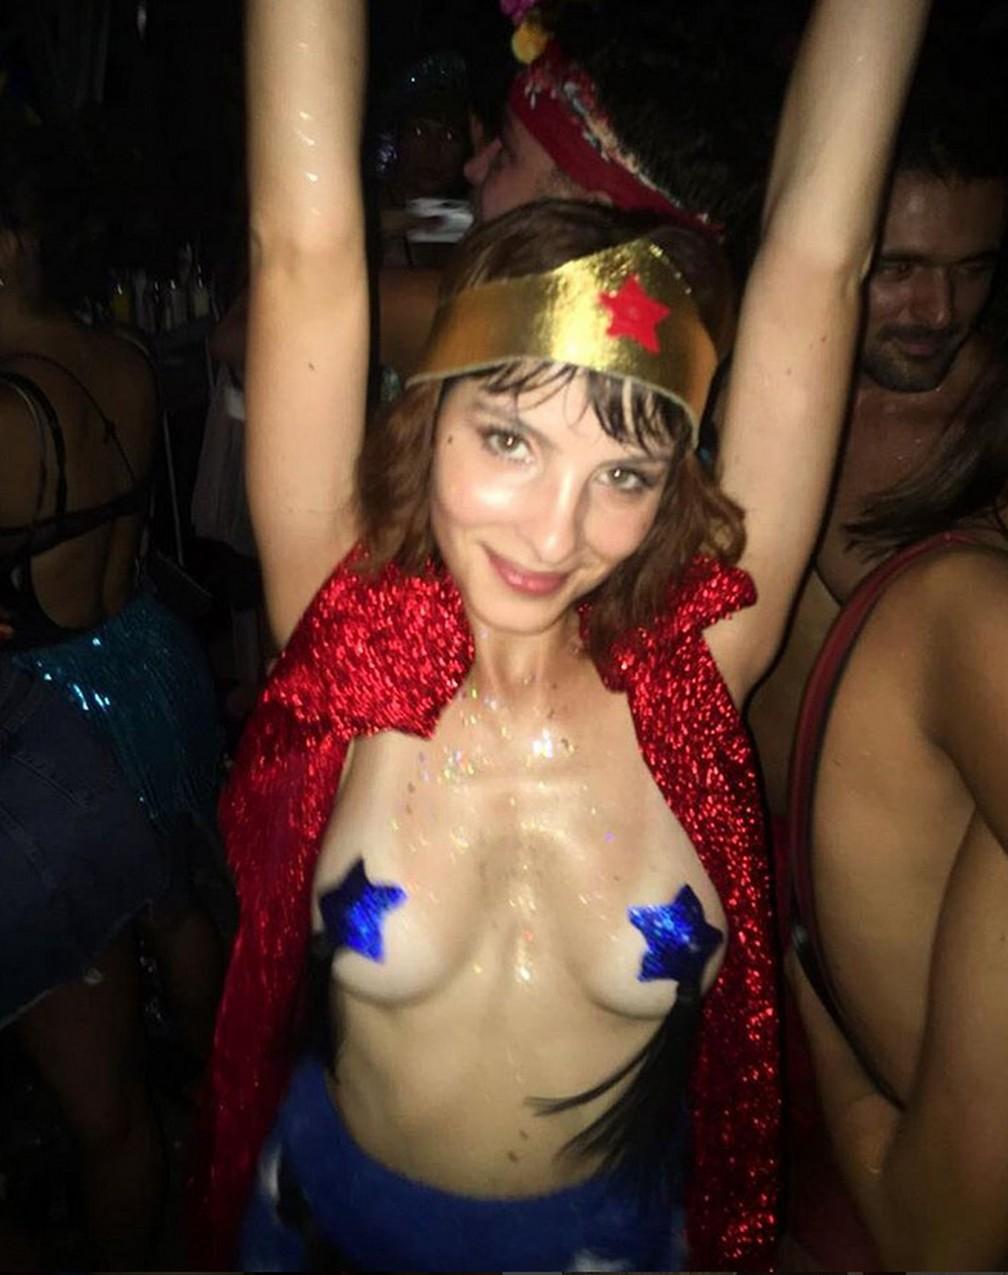 A atriz Giselle Batista usou um adesivo em forma de estrela para compor sua fantasia de carnaval (Foto: Reprodução/Instagram/Giselle Batista)